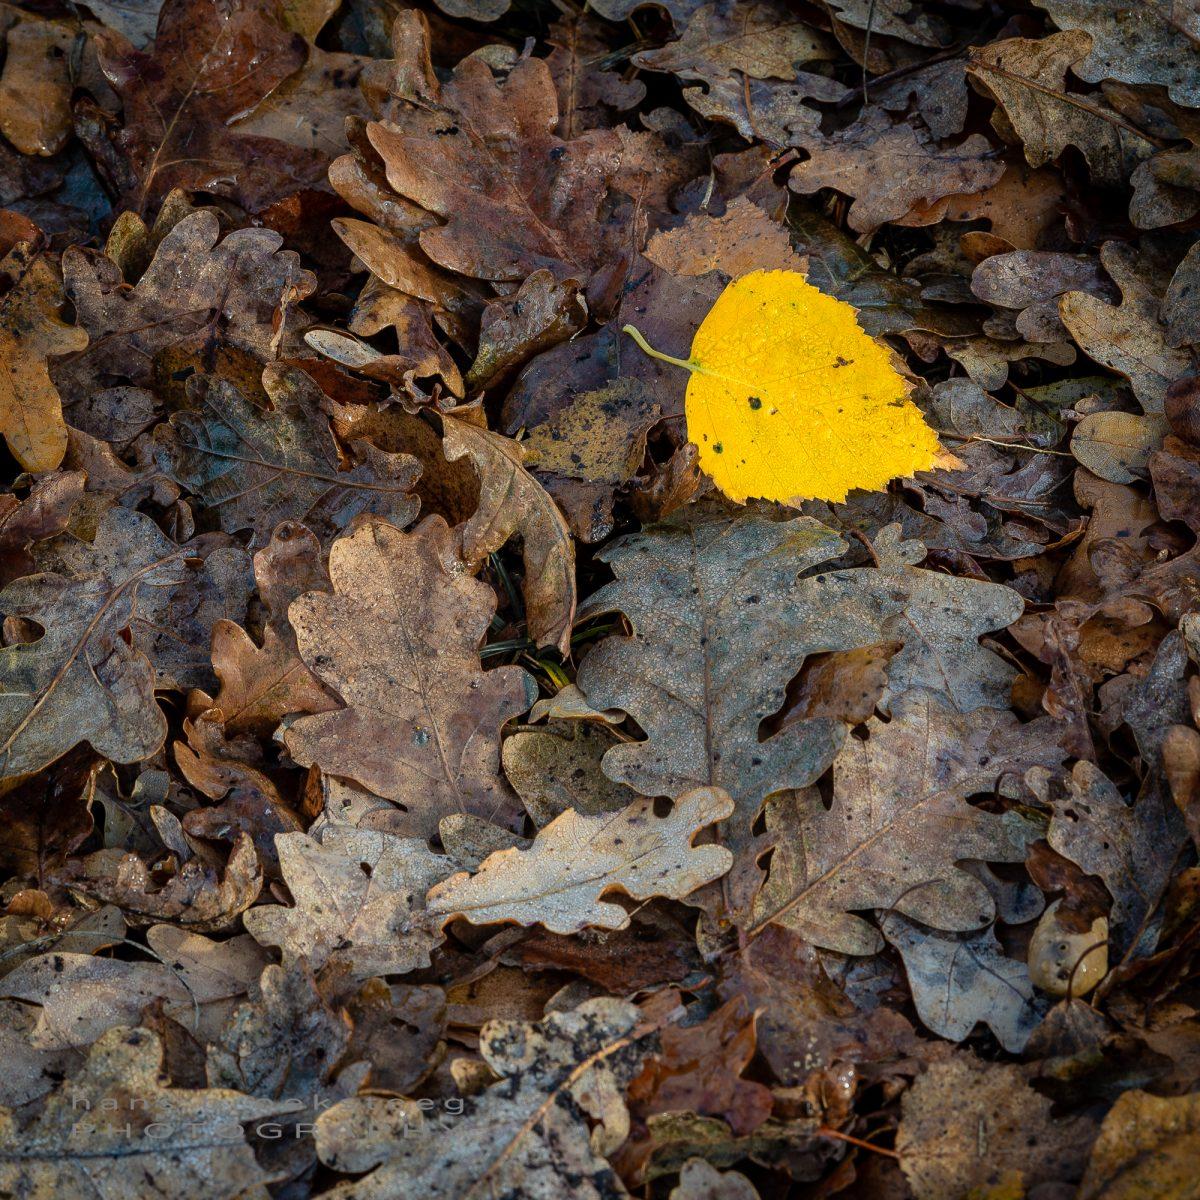 Yellow birch leave amongst brown oak leaves